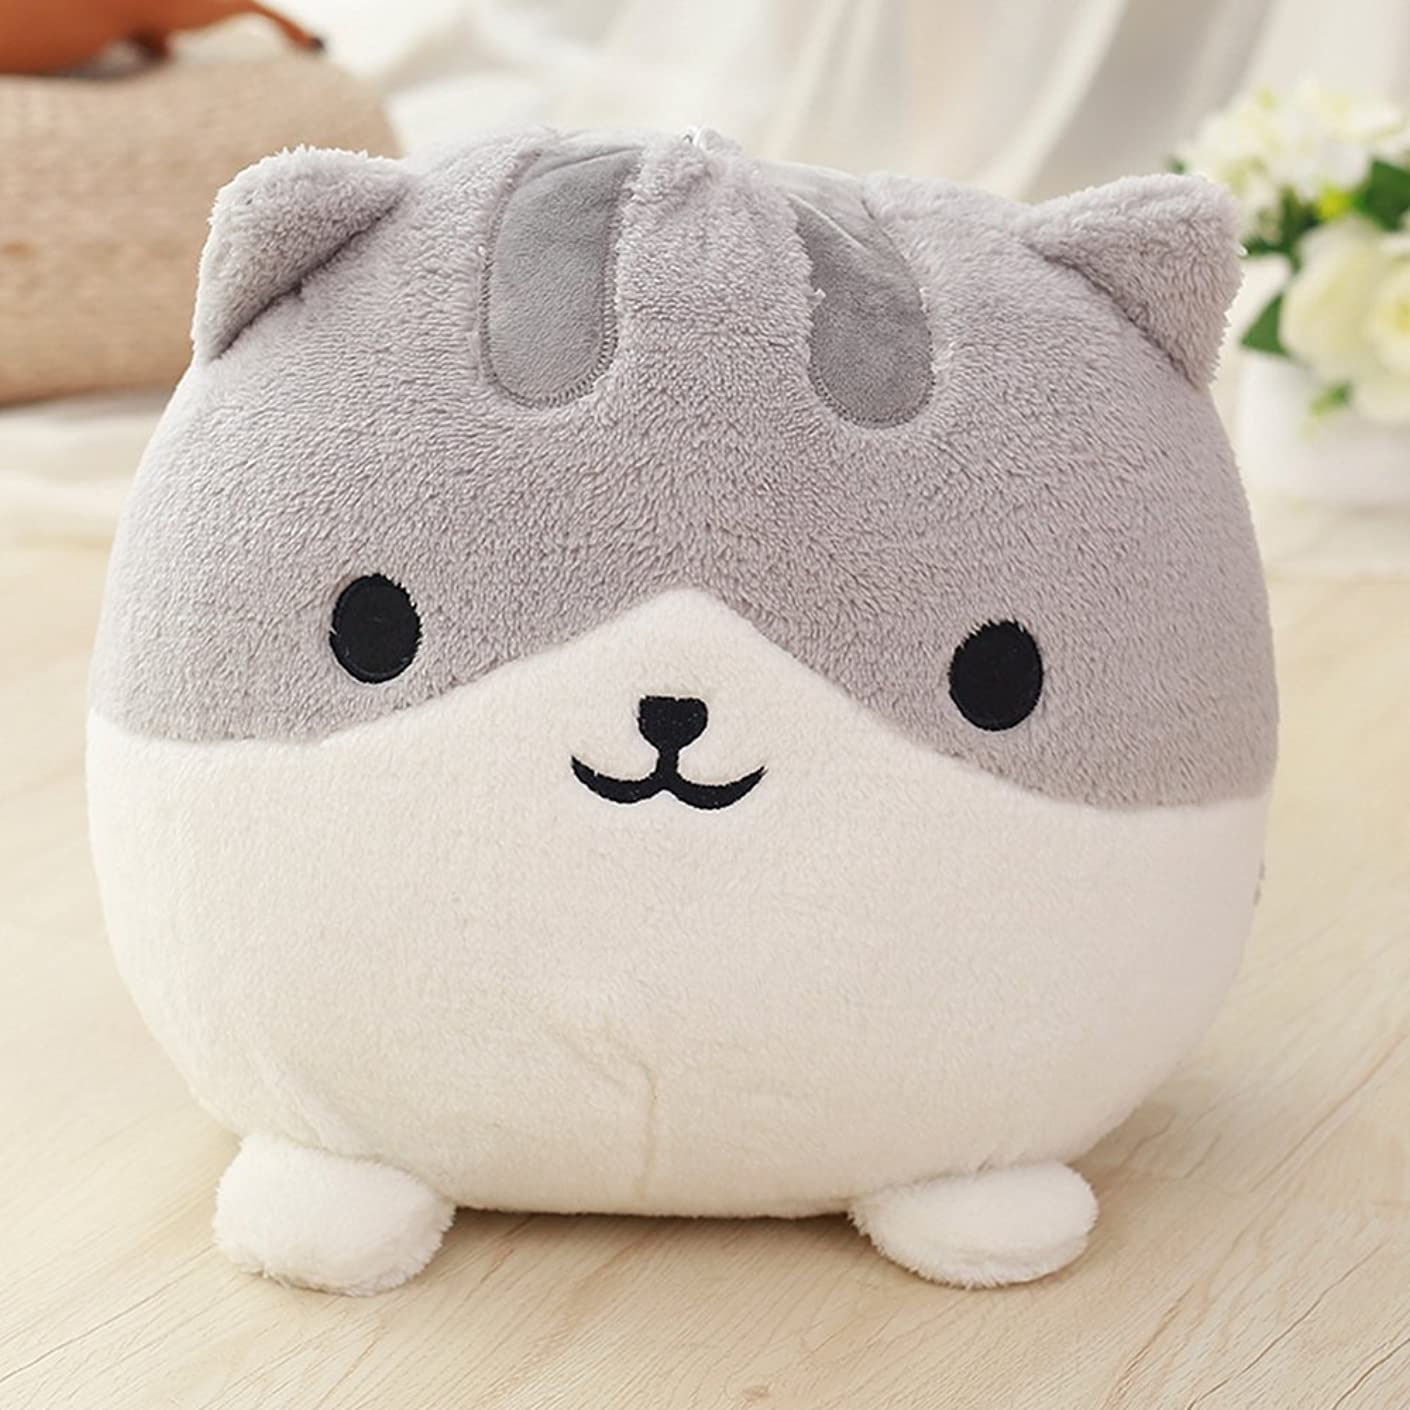 束カイウス先住民ぬいぐるみ 特大 猫 かわいいぬいぐるみ ふわふわ猫ぬいぐるみ IKASA  ギフト プレゼント お祝い Hmao462  30CM (グレー)